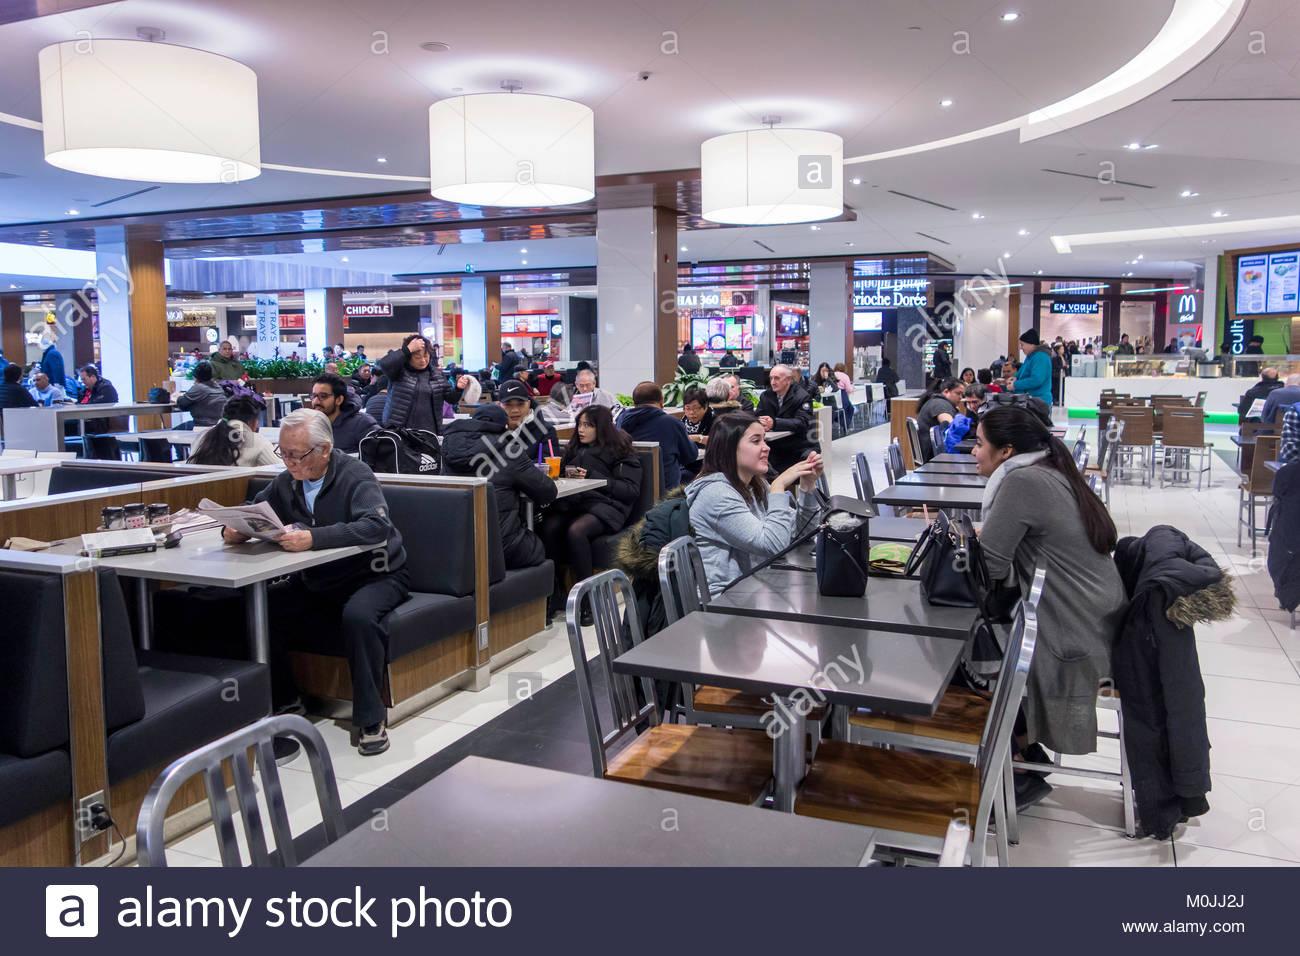 Toronto Chinatown Food Court